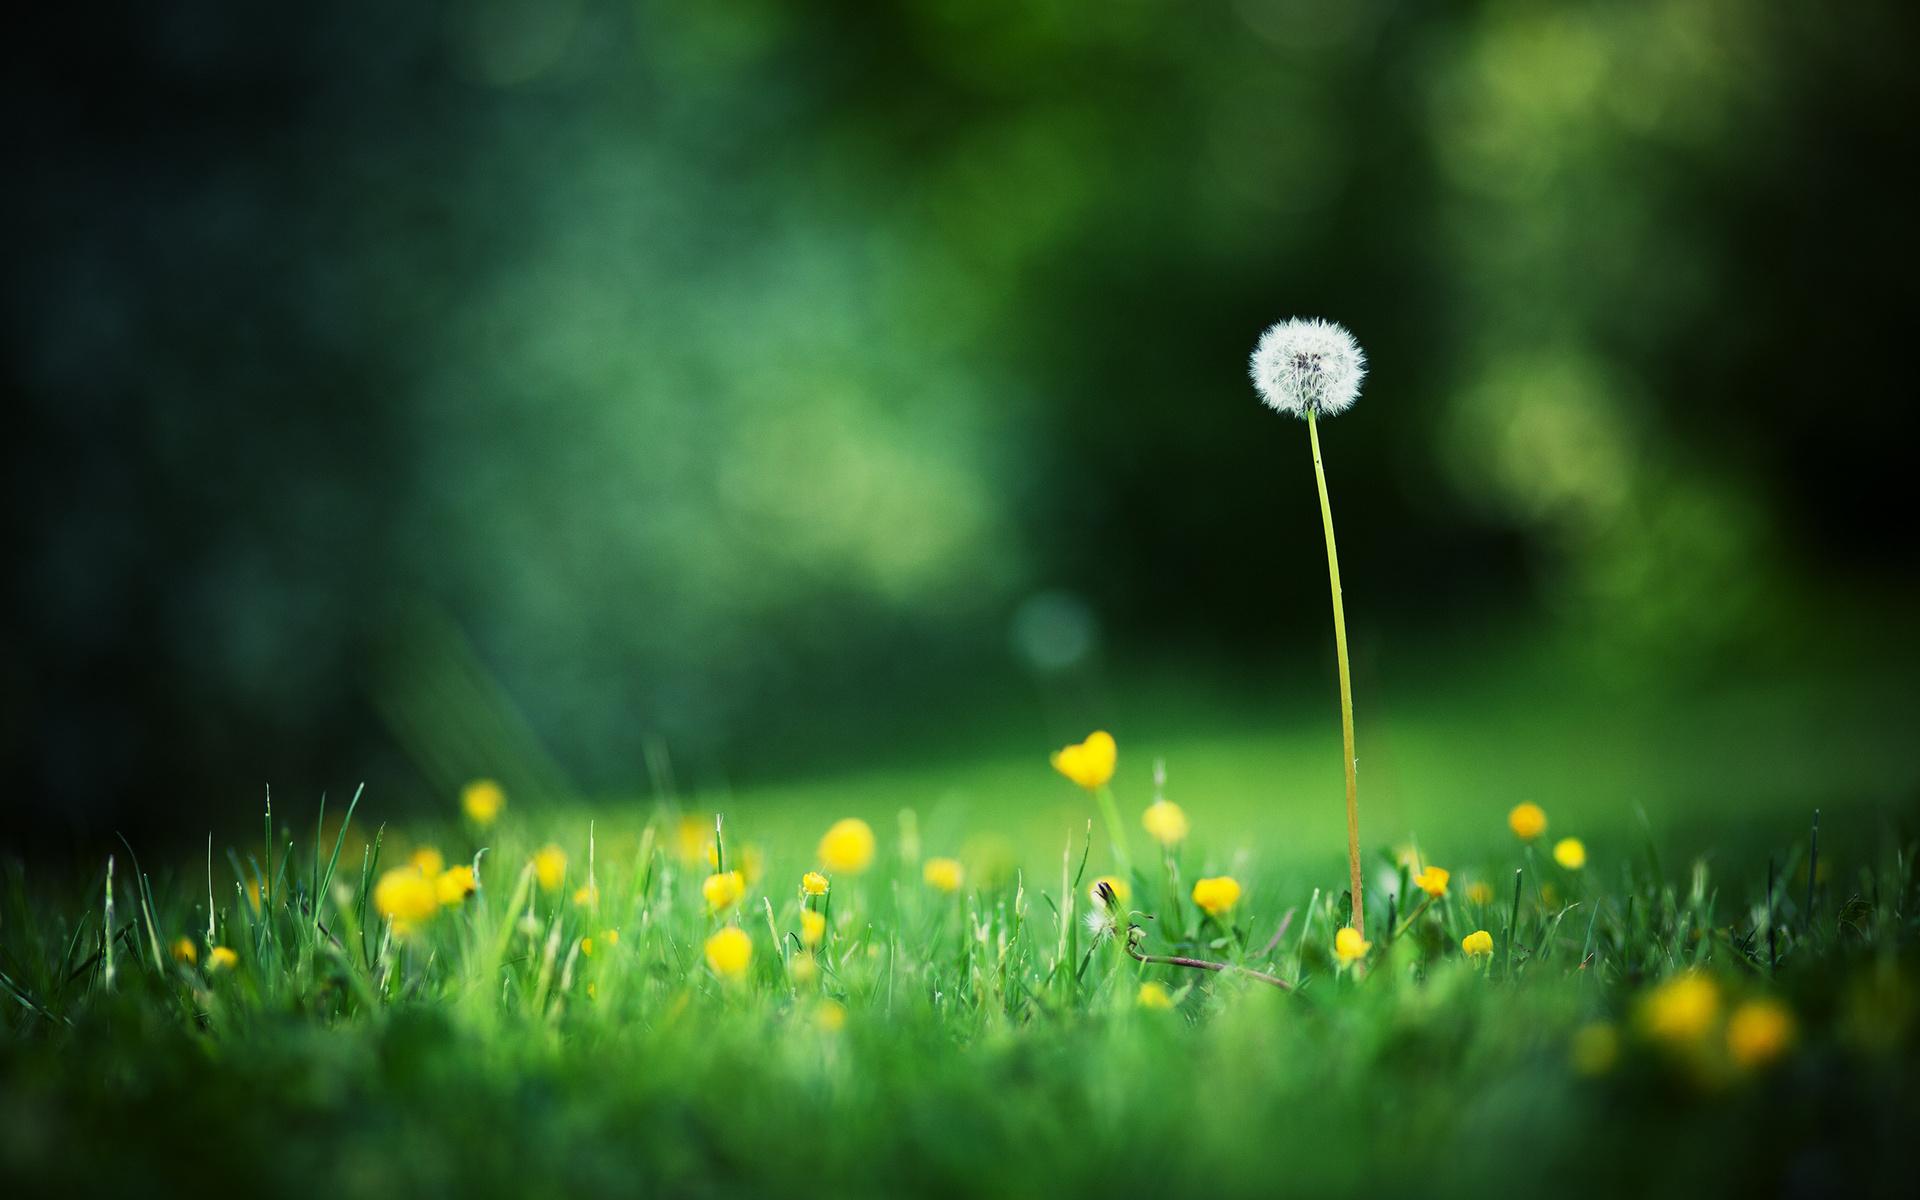 Hình nền hoa bồ công anh cực đẹp